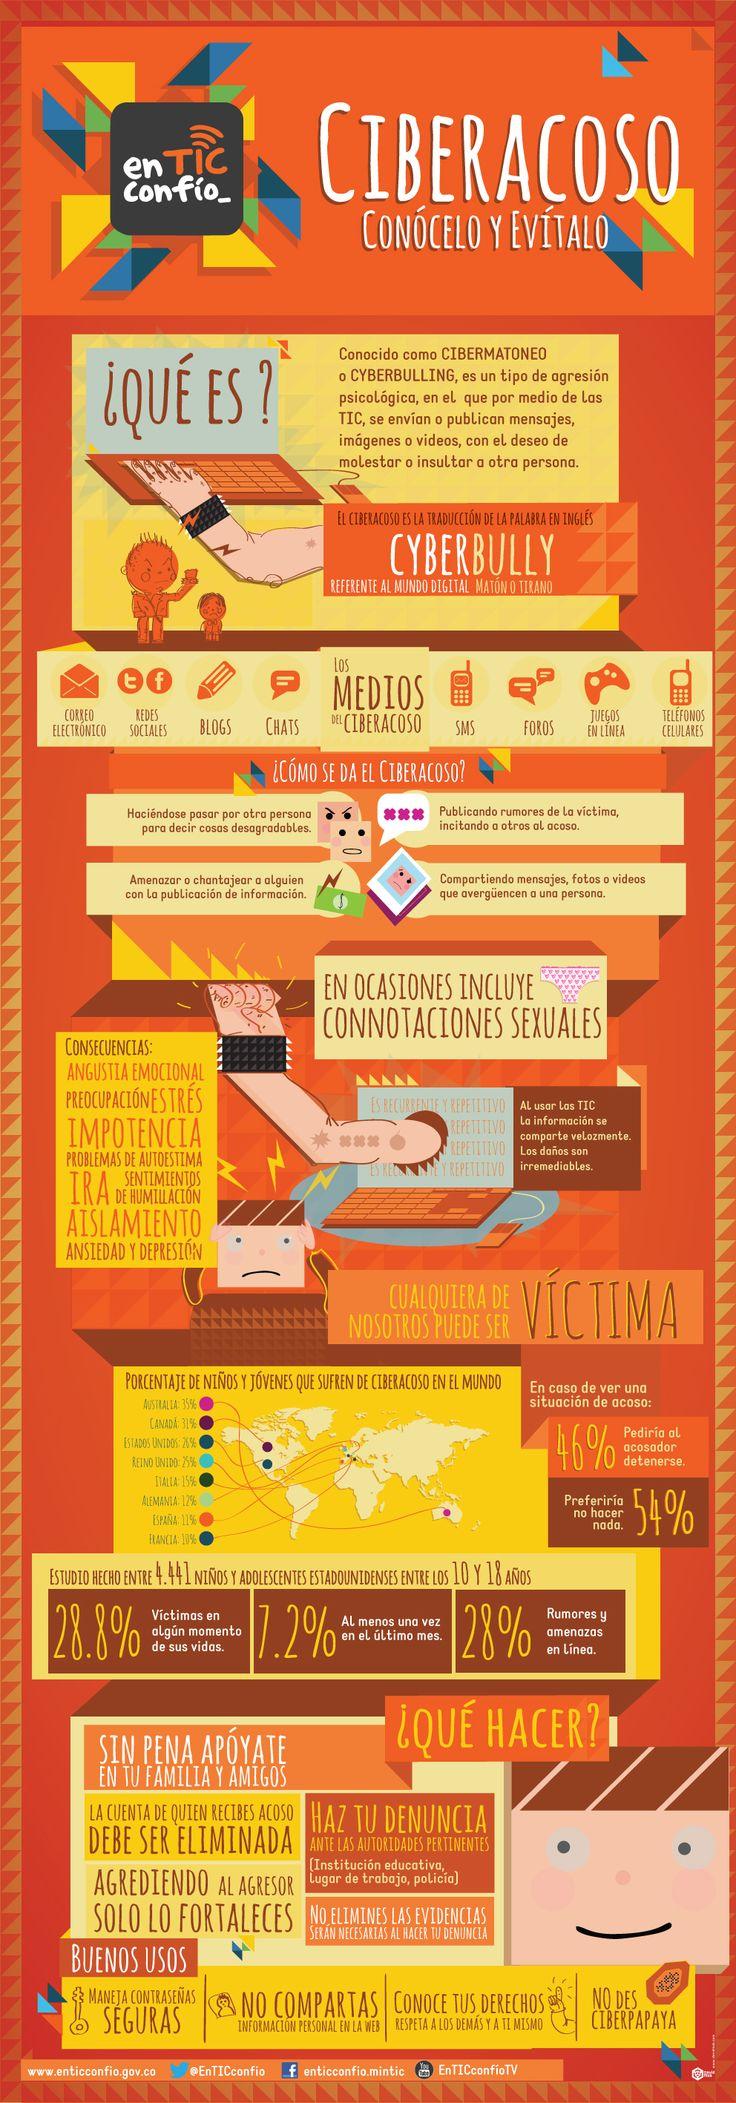 ¿Sabías que 1 de cada 5 niños colombianos es víctima de alguna modalidad de acoso escolar?